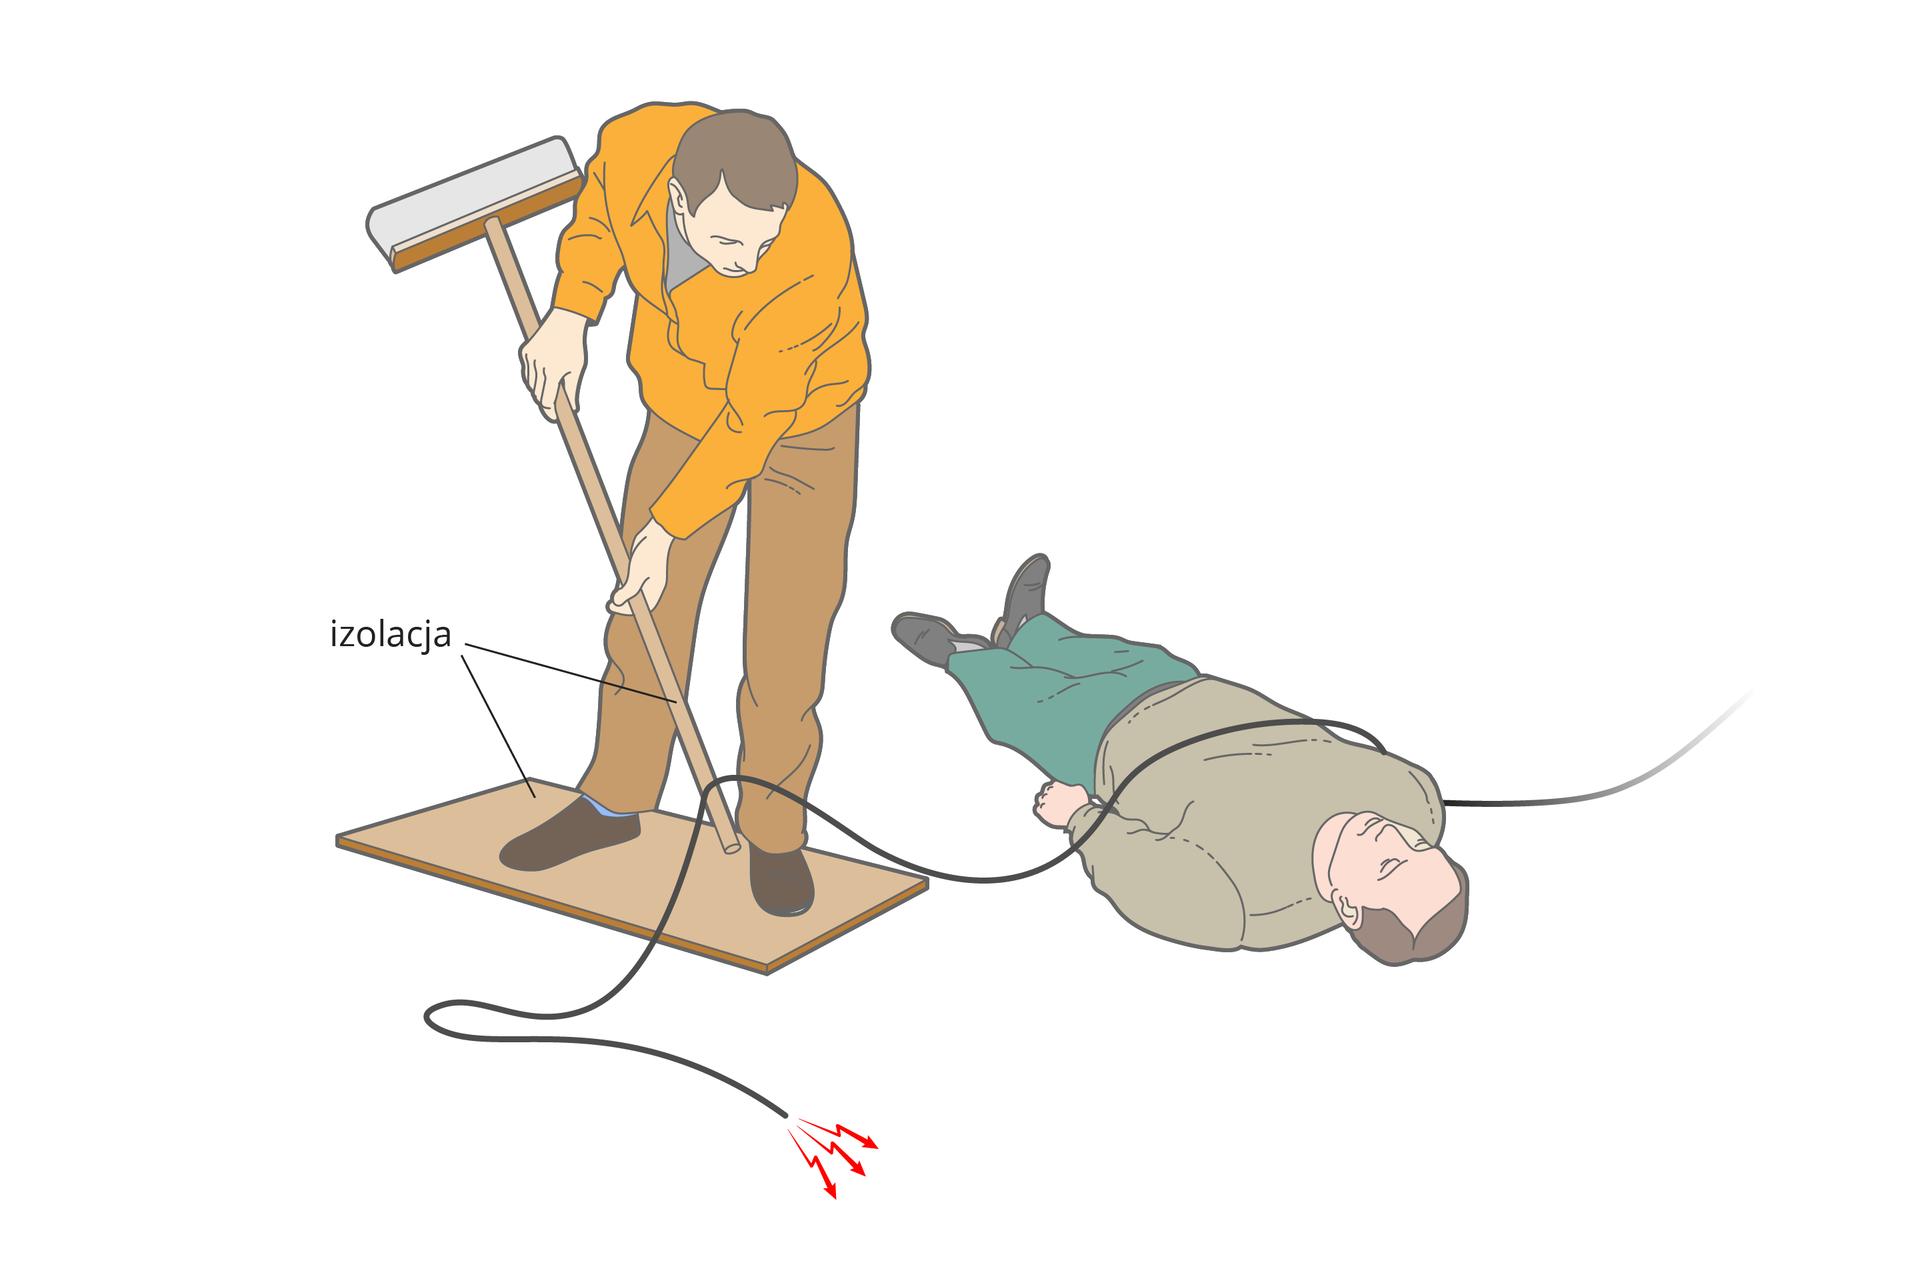 Ilustracja przedstawia dwóch mężczyzn. Po prawej leży poszkodowany. Jego głowa jest skierowana wstronę obserwatora ilustracji. Nogi ma złączone. Ręce trzyma wzdłuż tułowia. Zlewej strony poszkodowanego stoi mężczyzna trzymający miotłę trzonkiem uchwytu do dołu. Mężczyzna odsuwa trzonkiem miotły przewód elektryczny, który leży na nieprzytomnym mężczyźnie. Ponadto mężczyzna stoi na desce, dzięki czemu zapewnia sobie izolację.